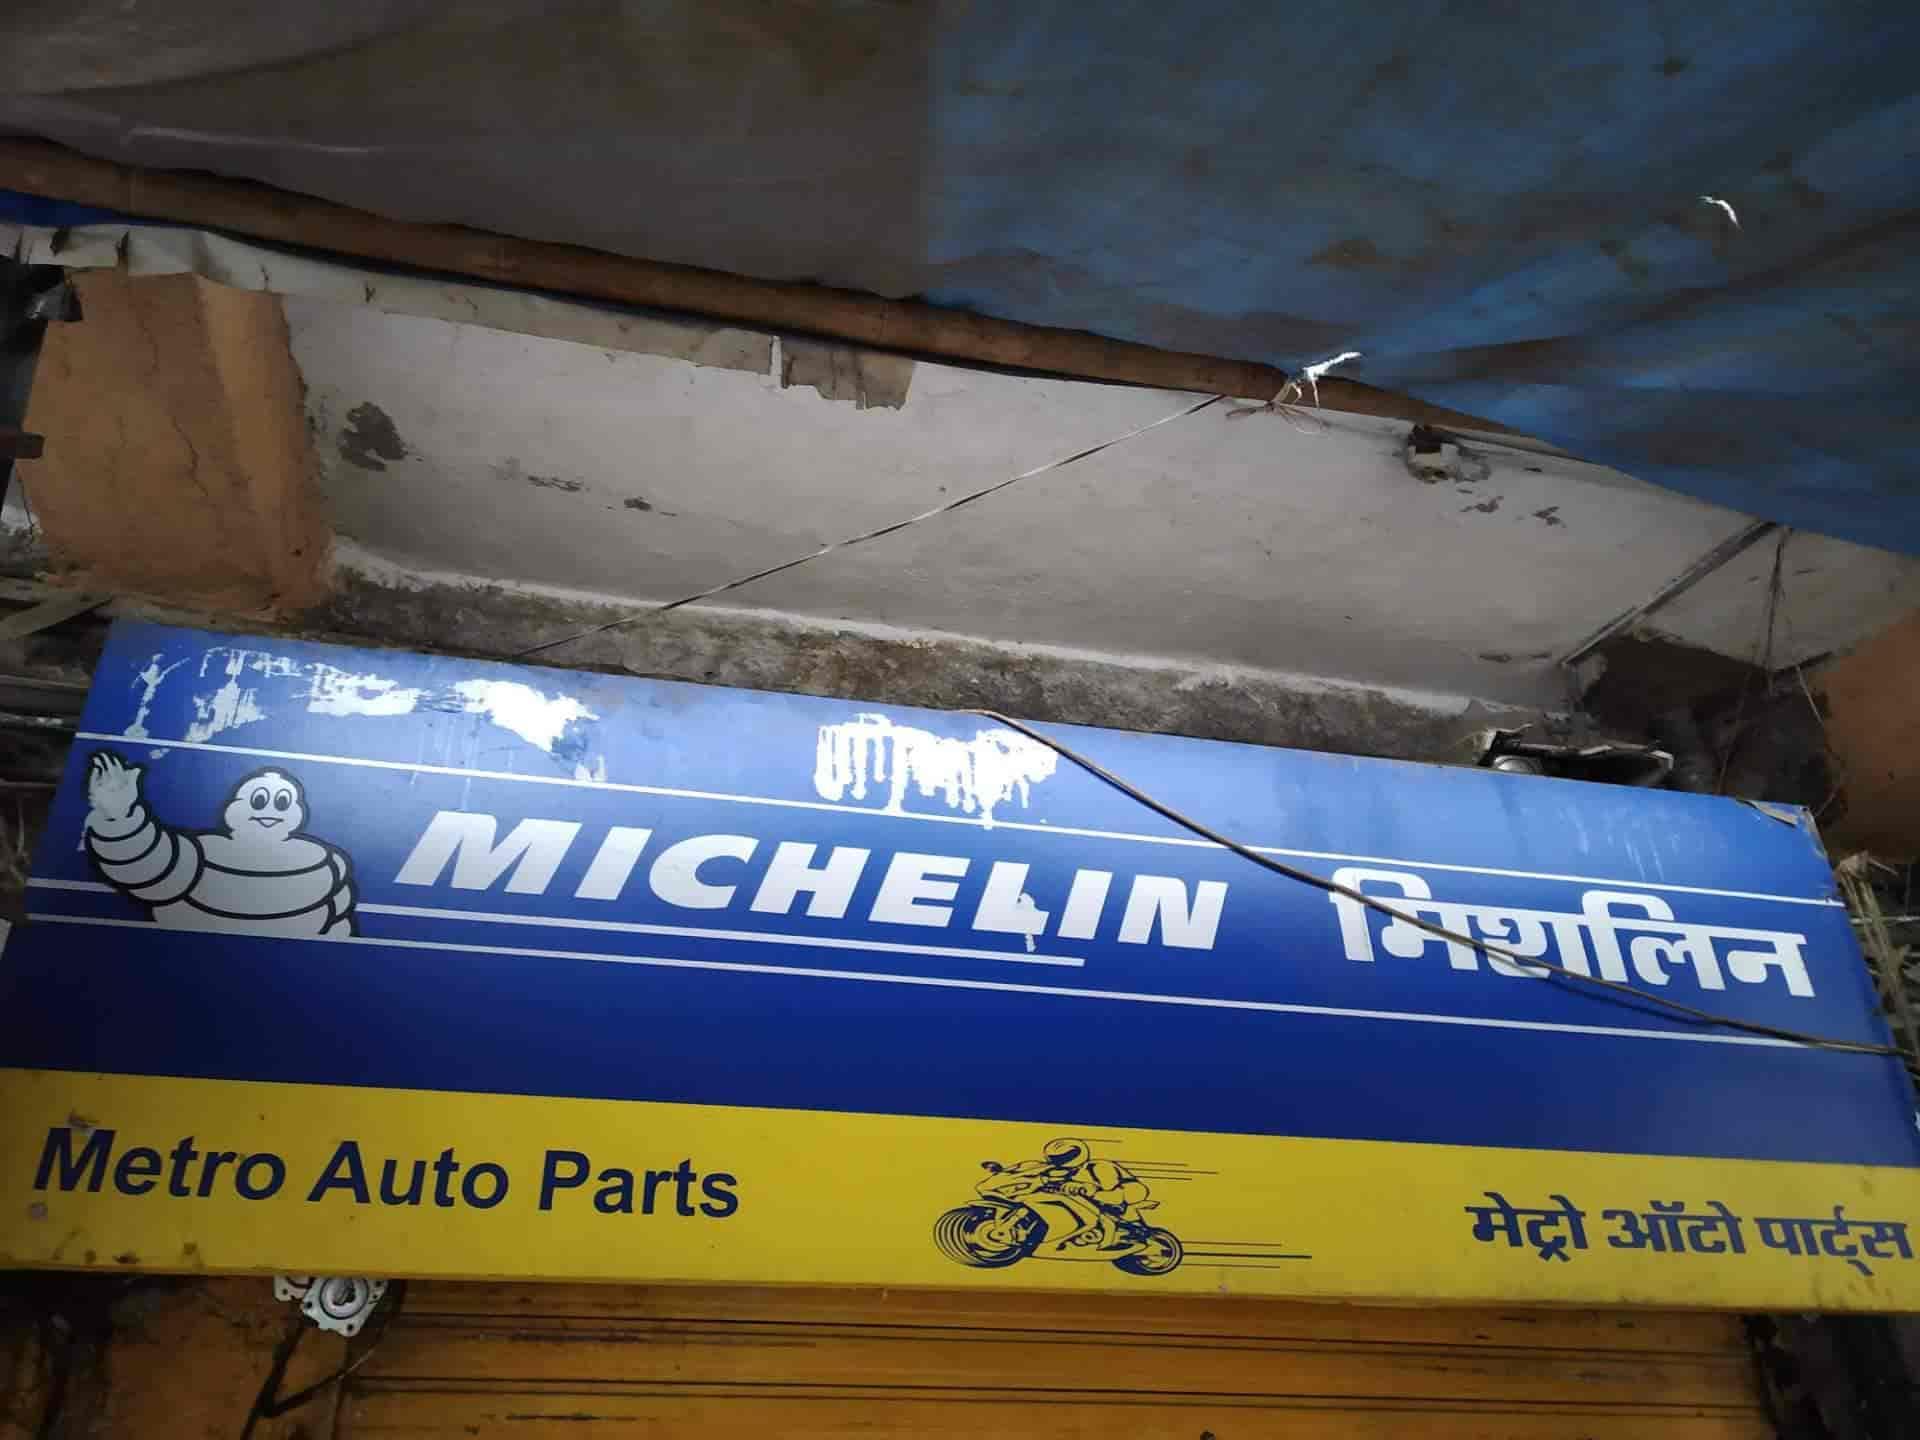 Metro Auto Parts >> Metro Auto Parts Photos Cotton Green Mumbai Pictures Images